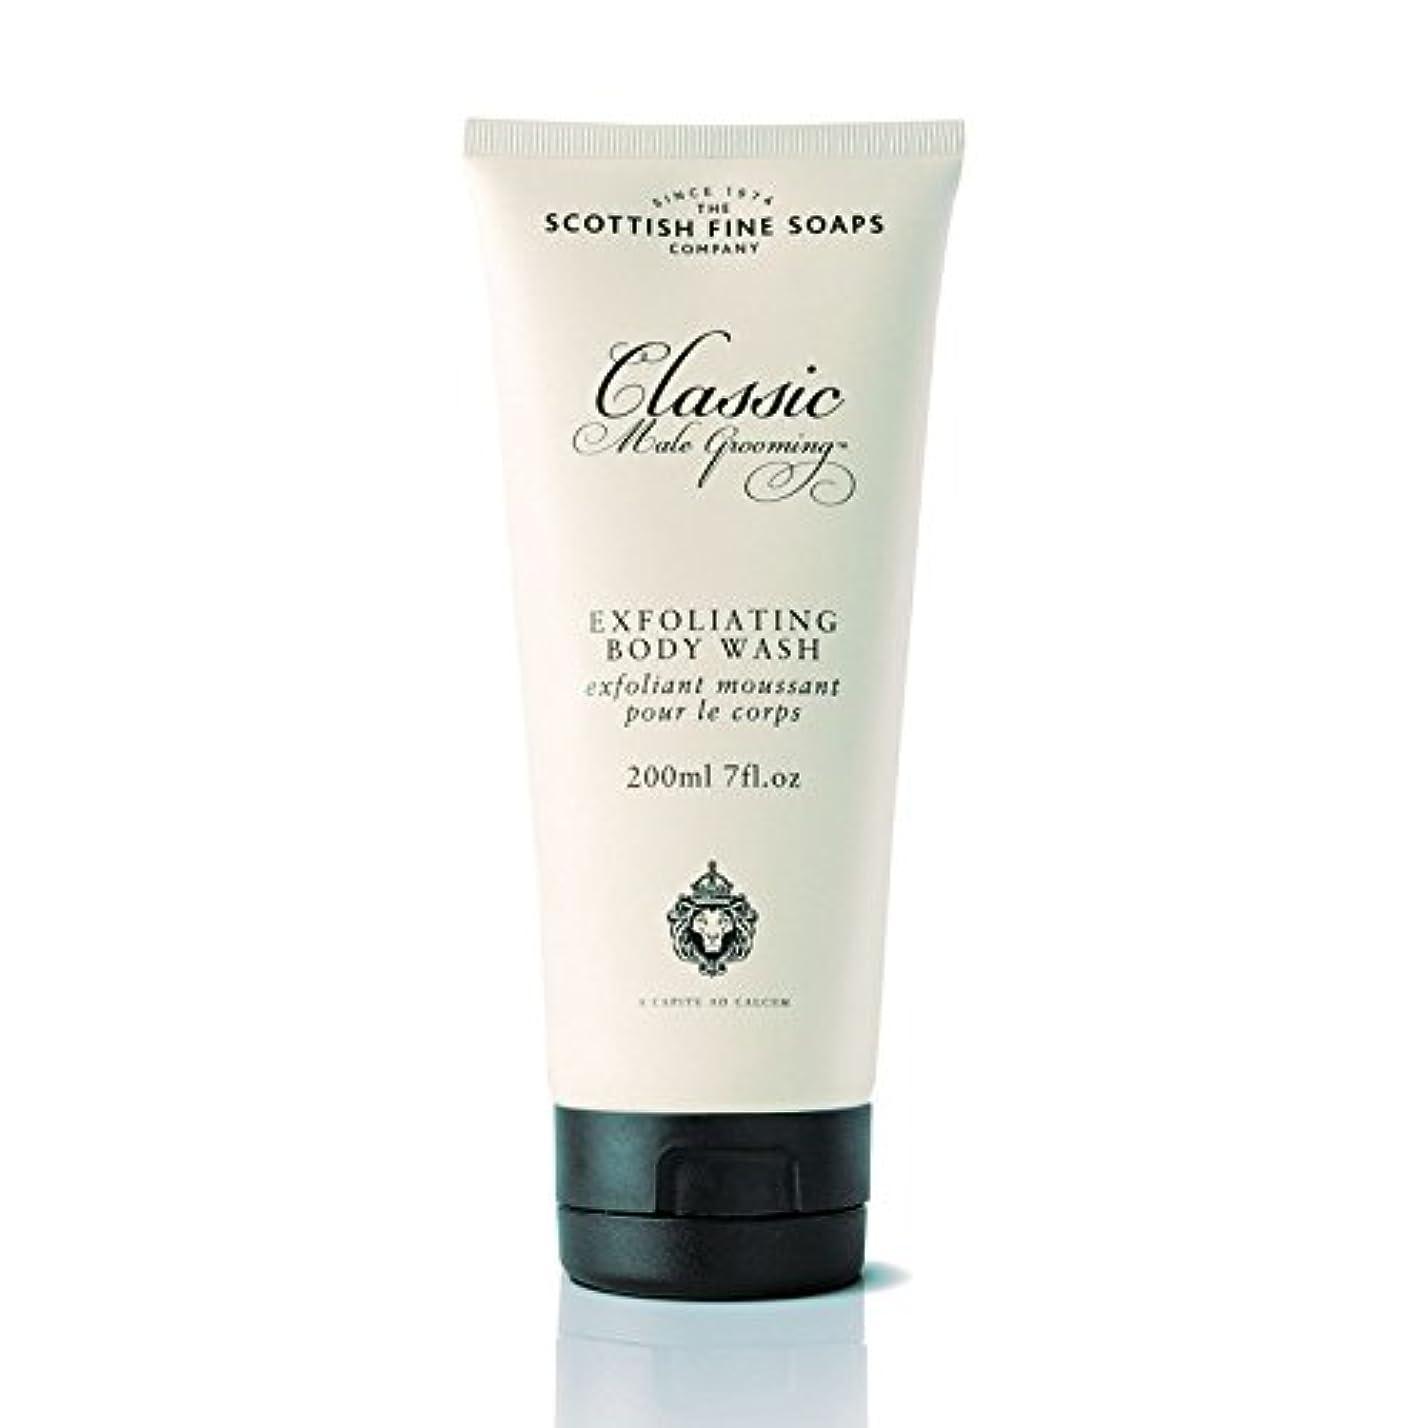 言う時々時々小人SCOTTISH FINE SOAPS(スコティッシュファインソープ) Classic Male Grooming(クラシックグルーミングシリーズ) ボディウォッシュ 200ml 5016365002509